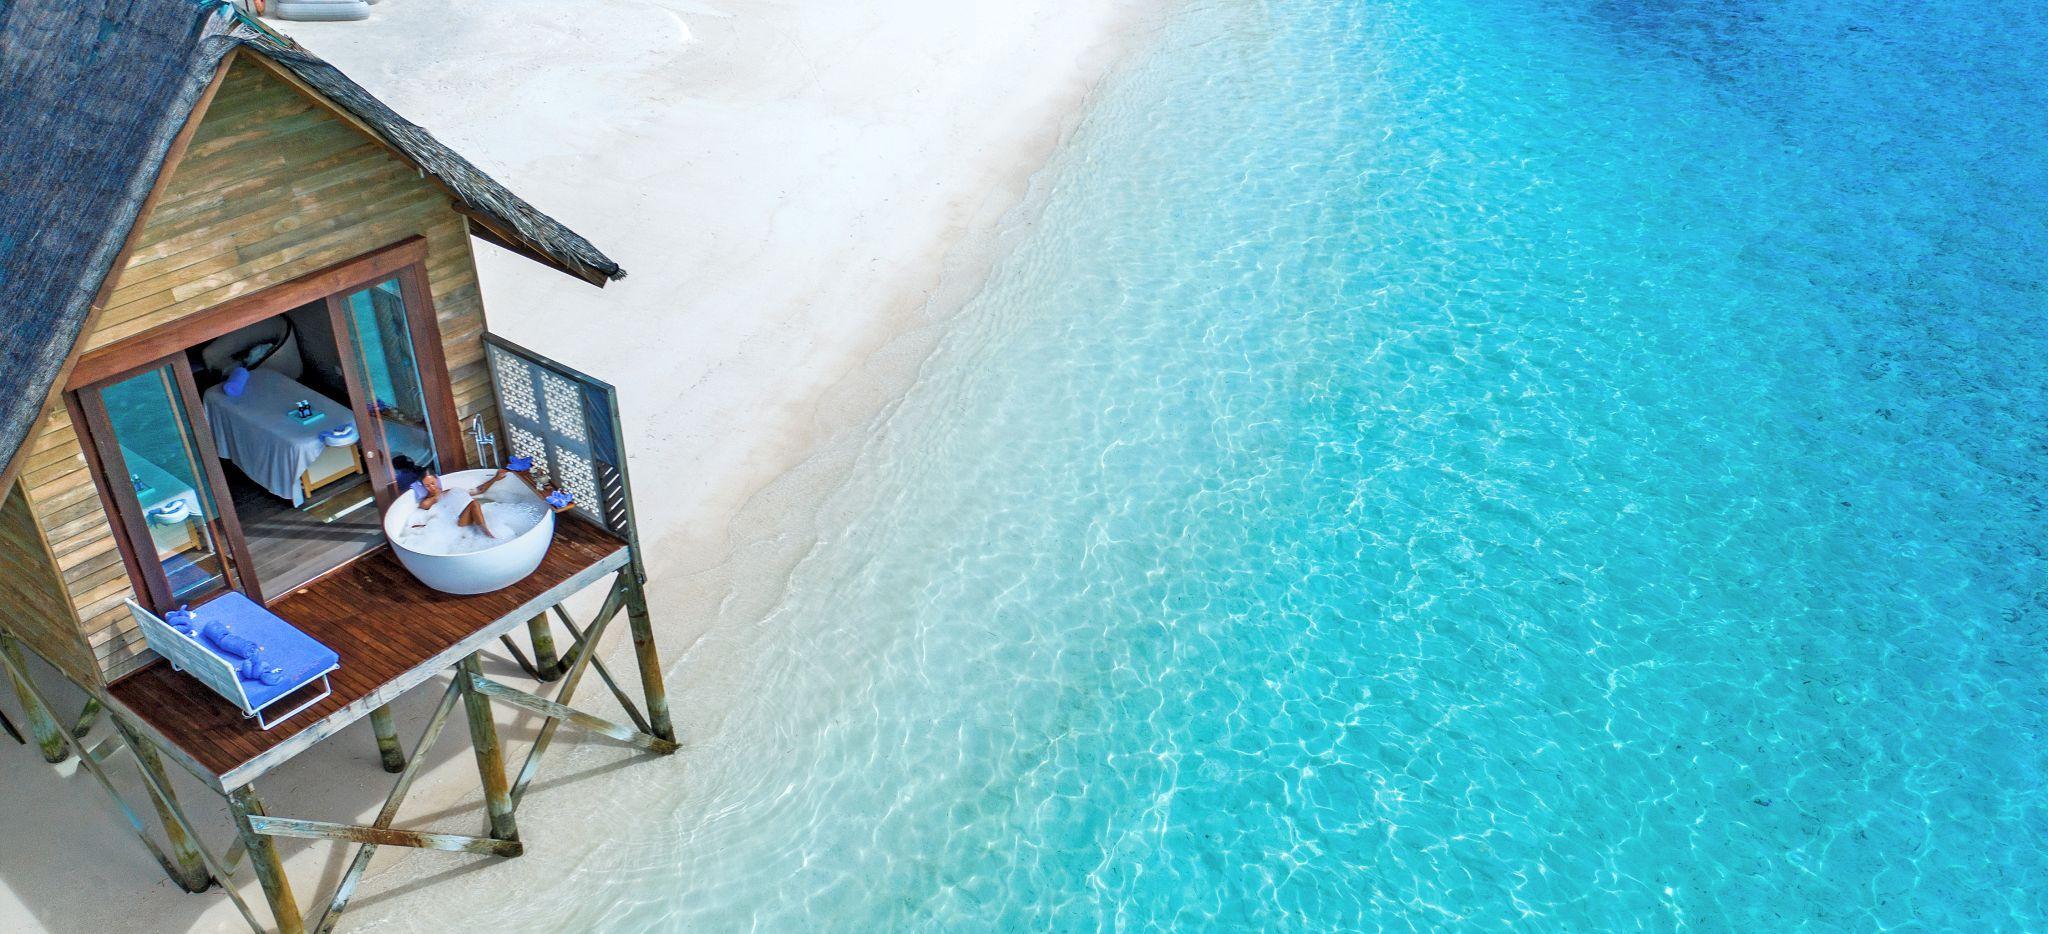 Eine Frau in einer Badewanne vor dem Wellnessbereich des Hotels OZEN auf den Malediven, mit Blick auf das Meer